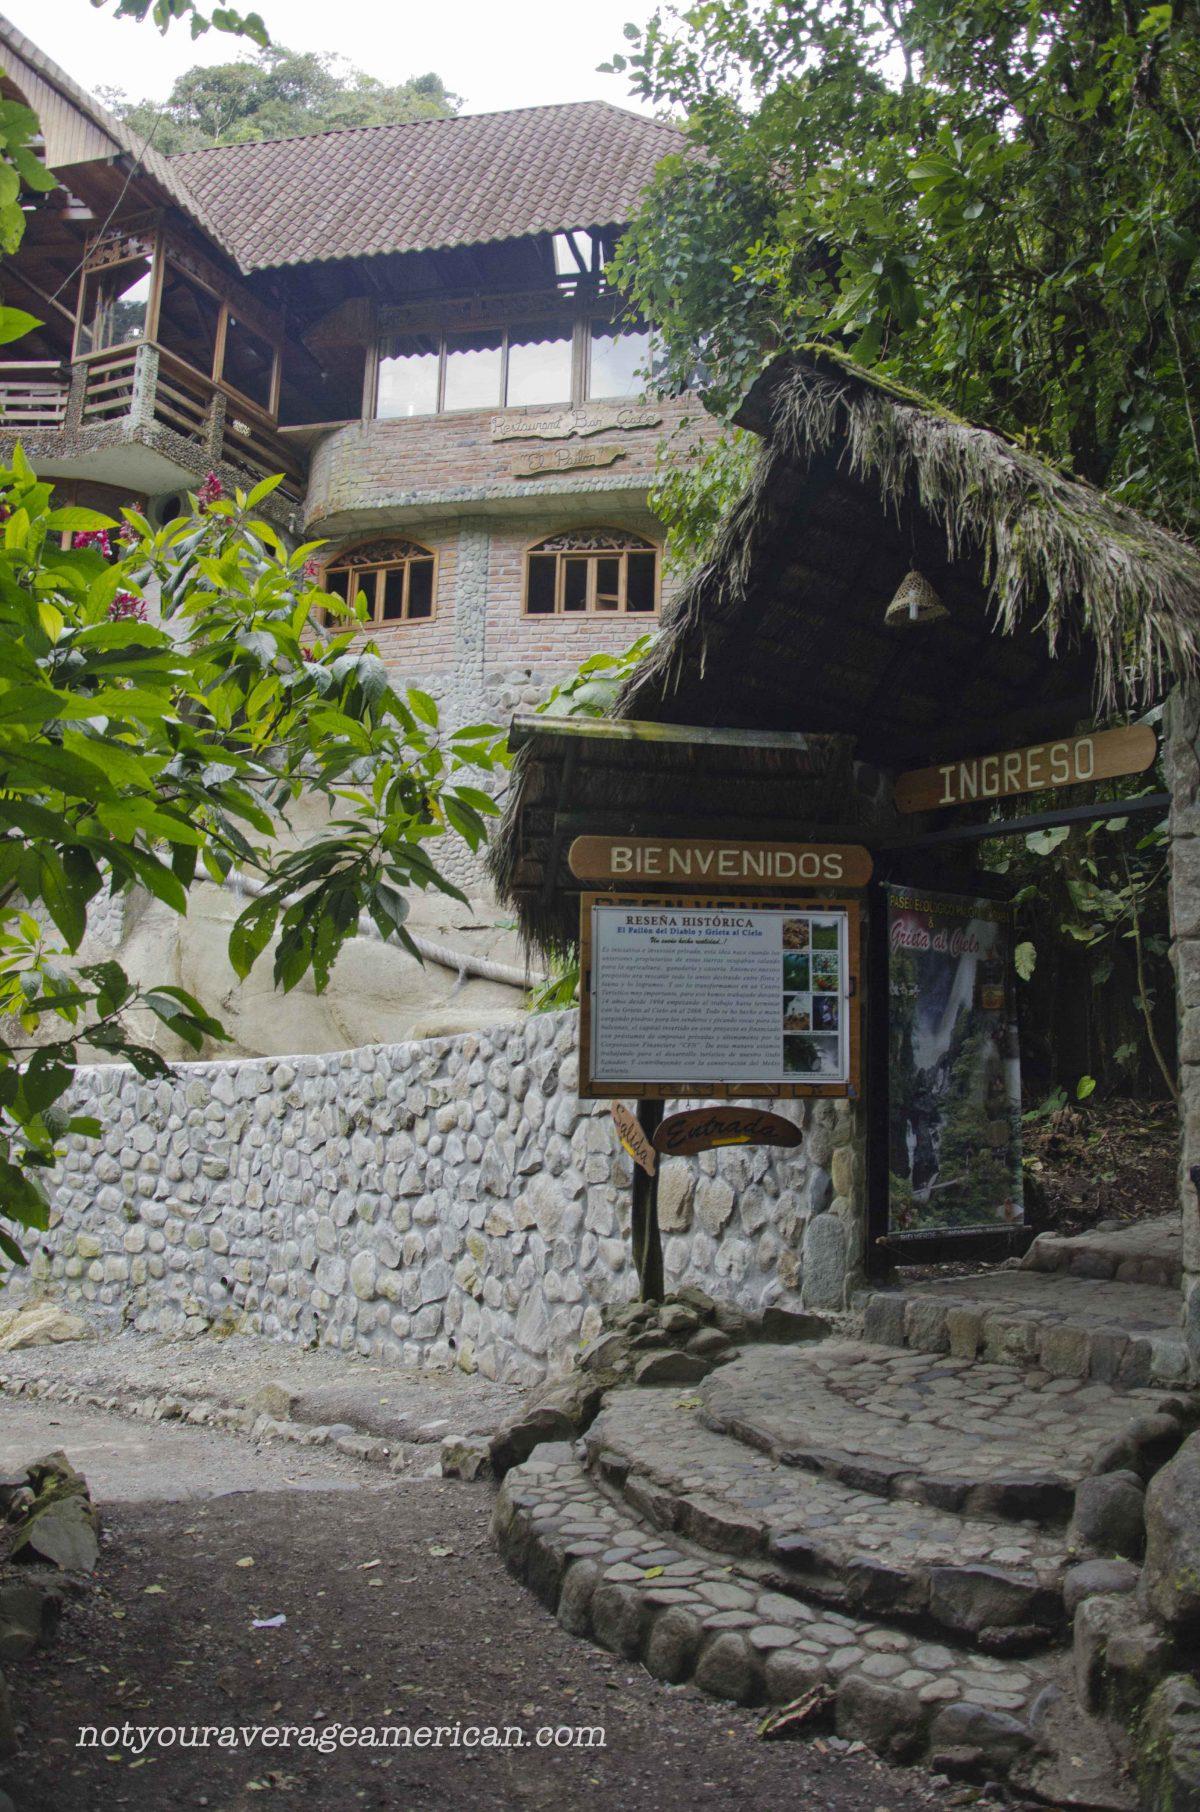 A Curtain of Water, The Pailón del Diablo, Baños, Ecuador